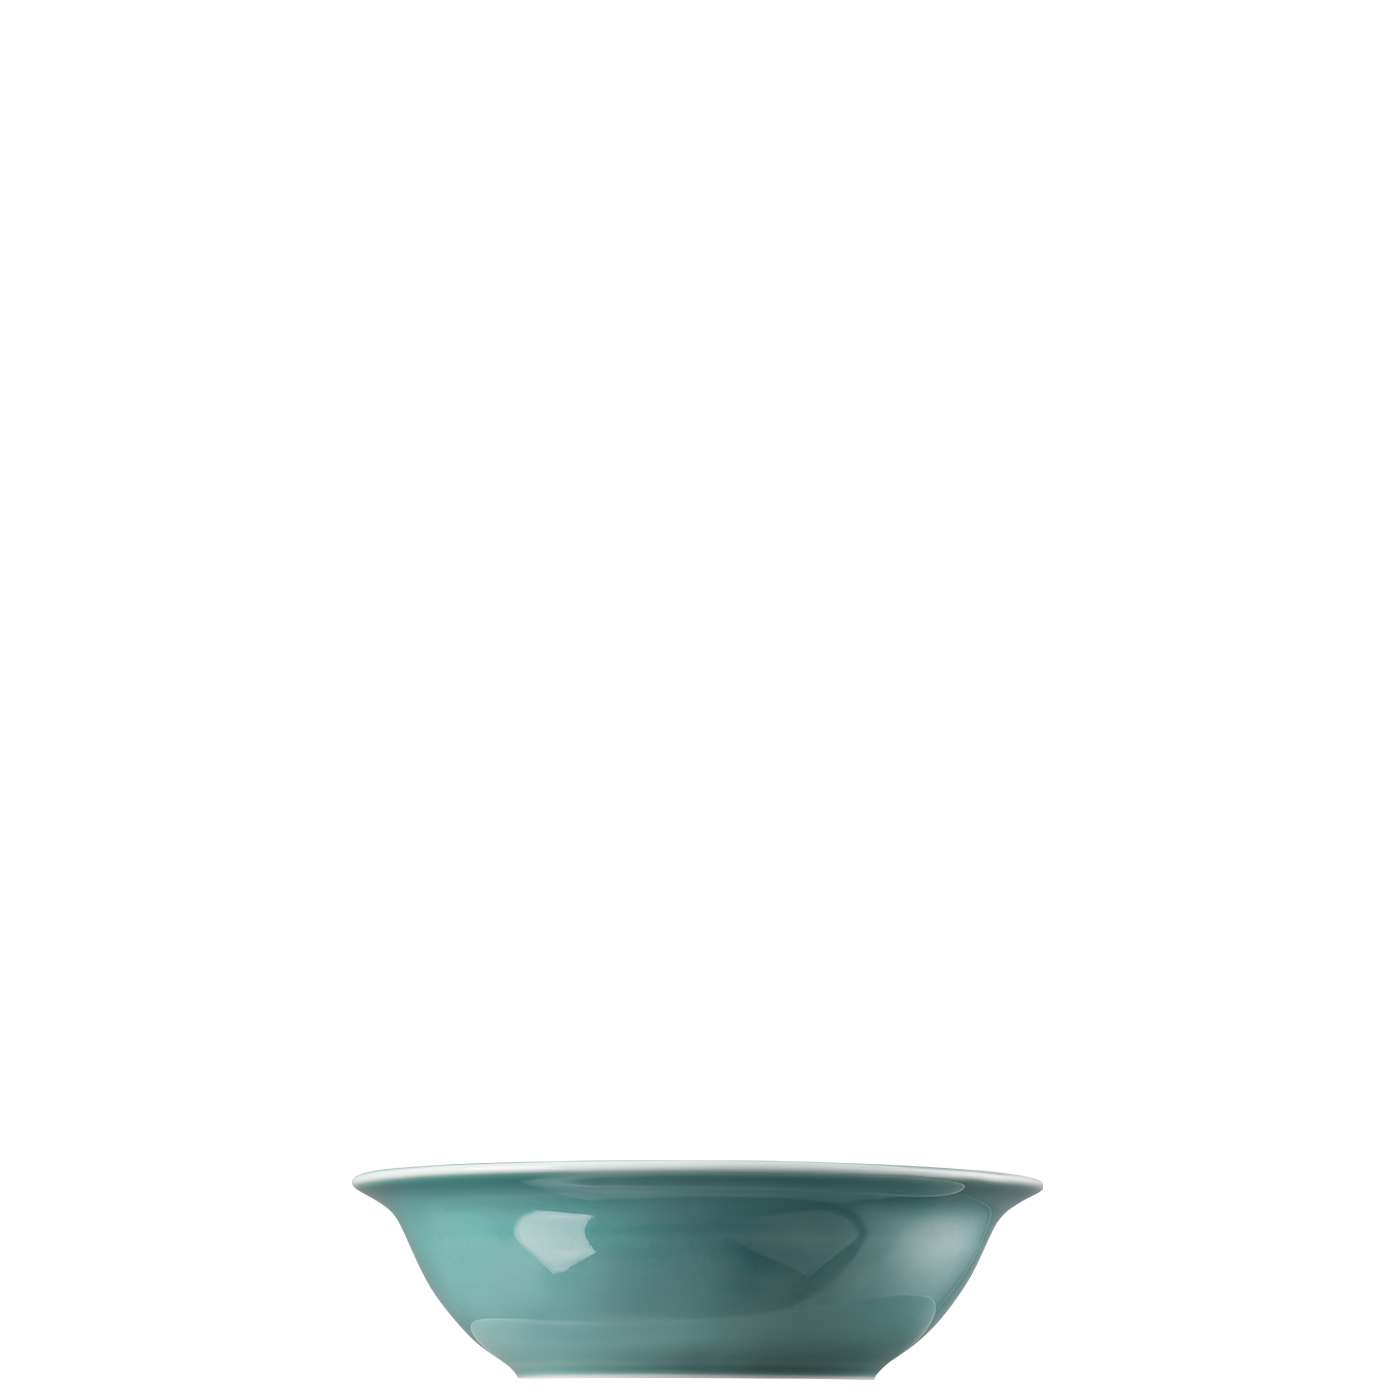 Bowl Trend Colour Ice Blue Thomas Porzellan